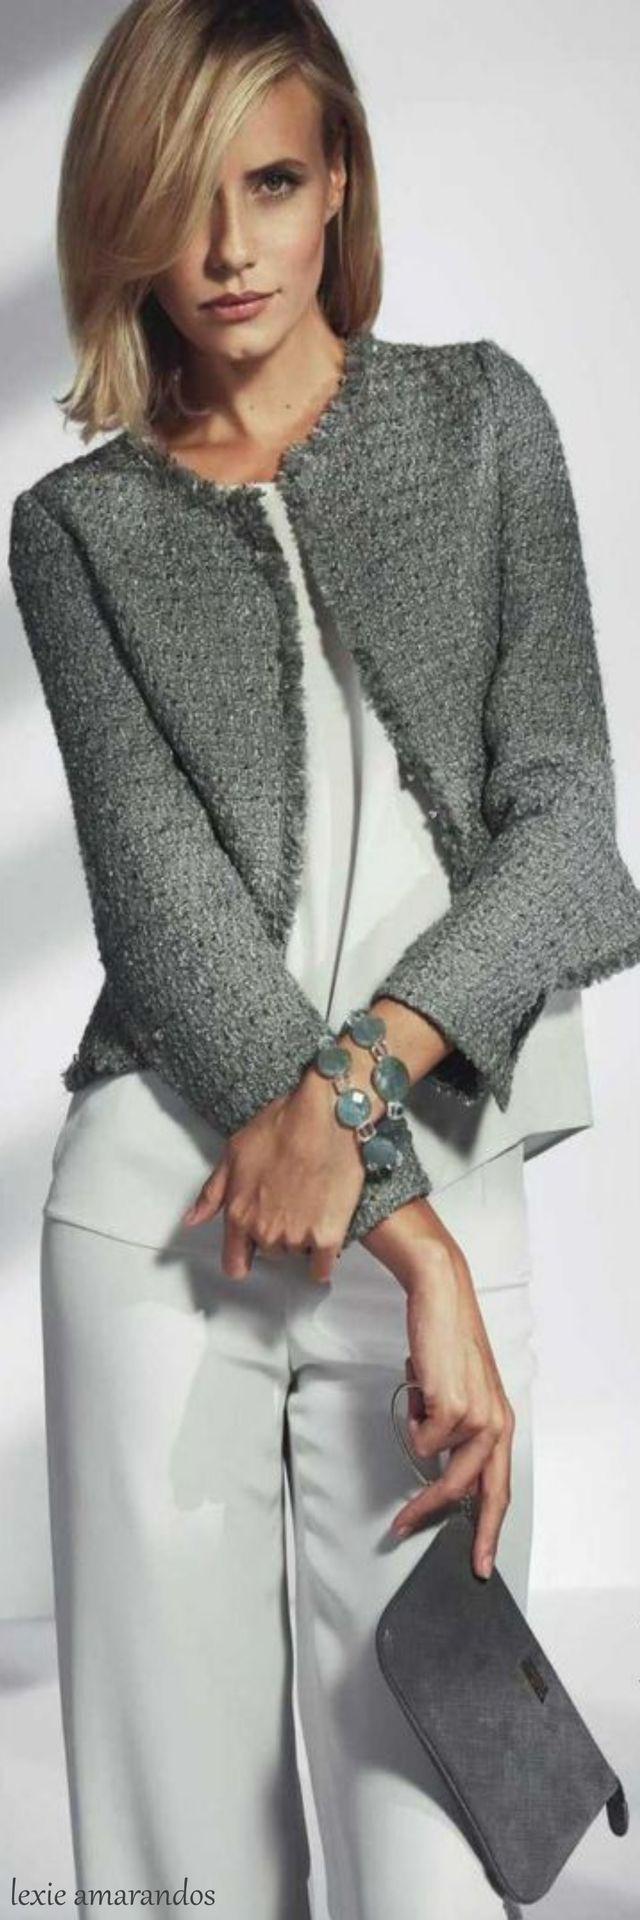 Chaqueta tipo chanel ideal para un outfit de entretiempo y muy versátil para distintos looks  Me gusta.